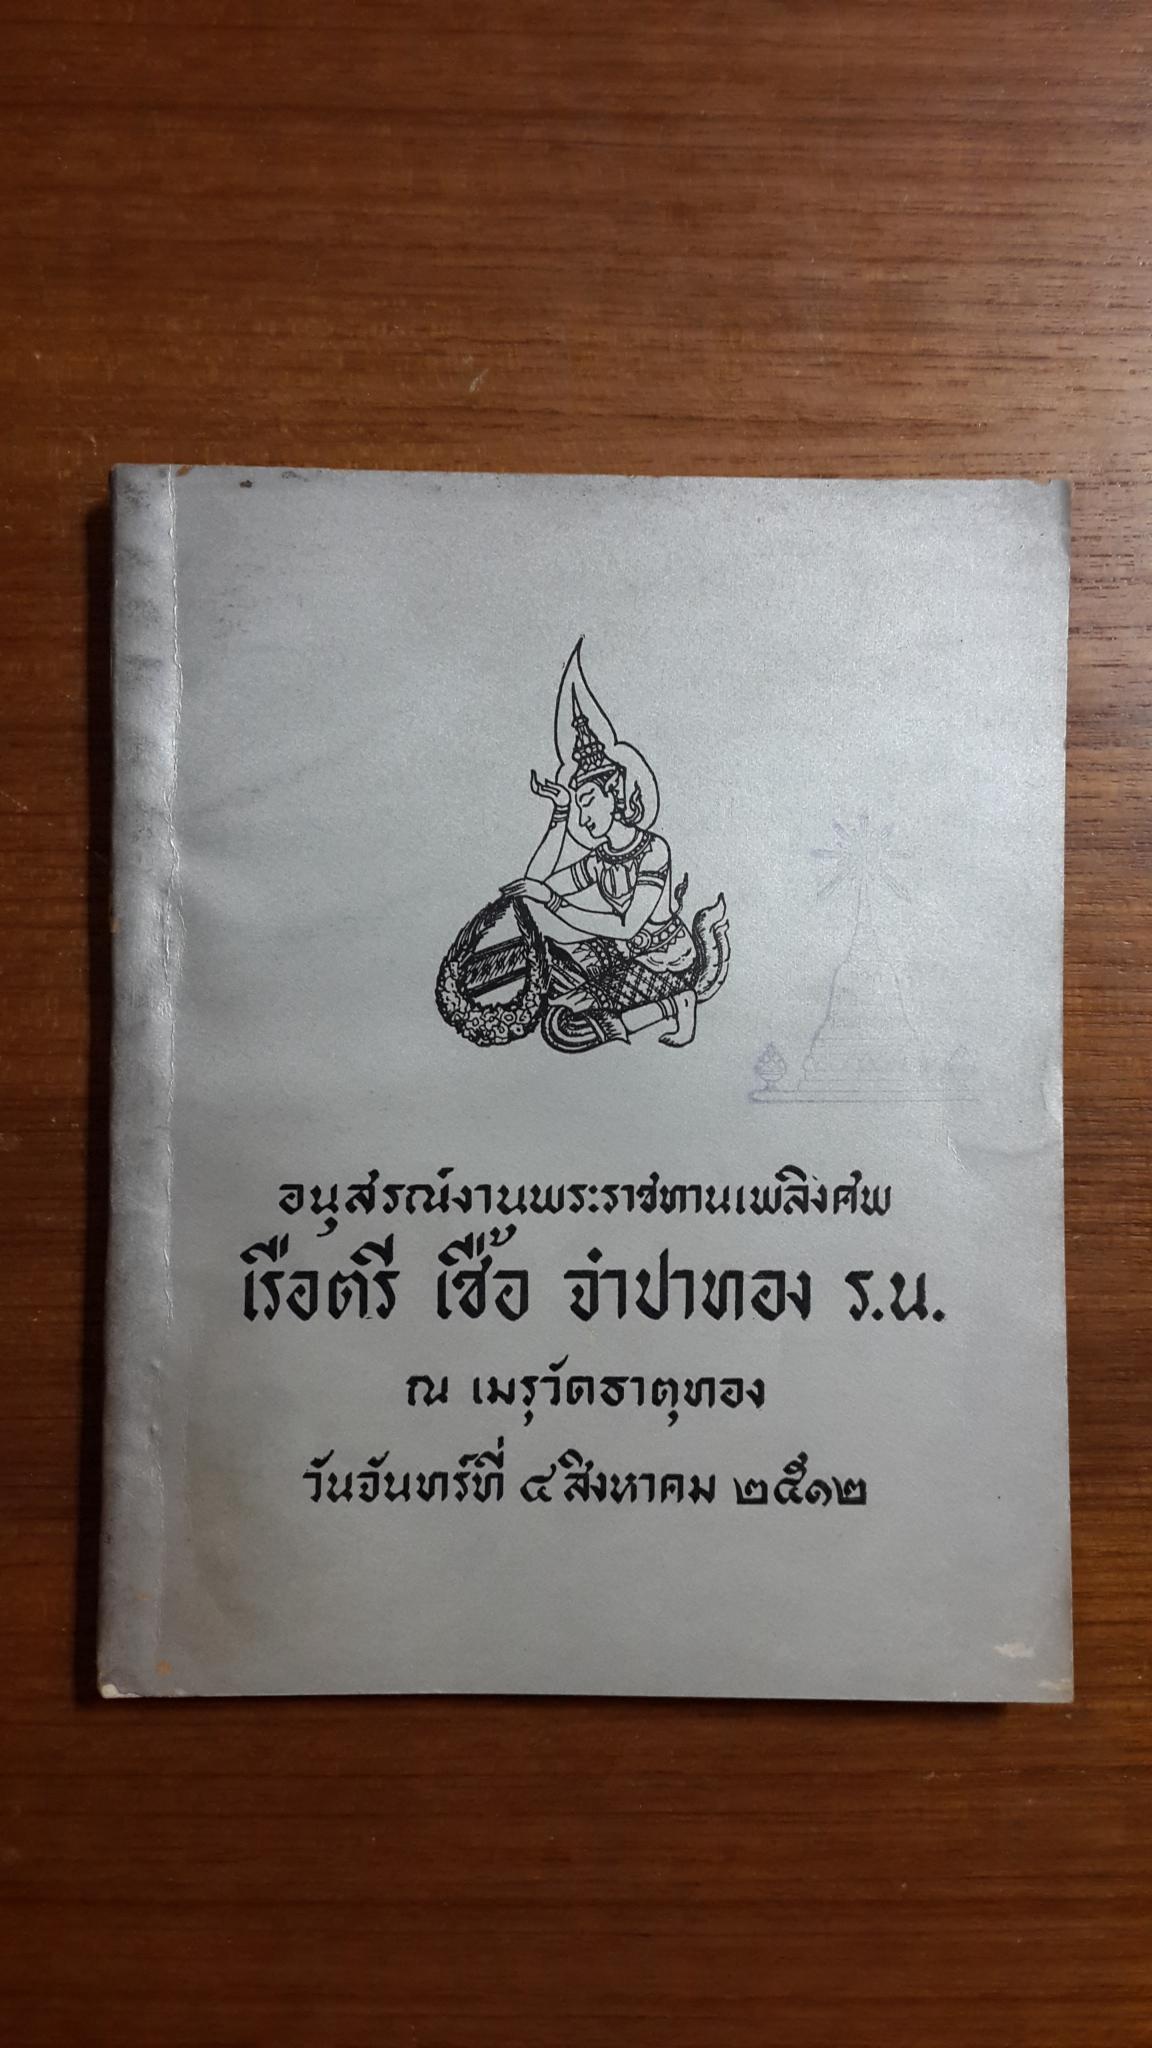 อนุสรณ์ในงานพระราชทานเพลิงศพ เรือตรี เชื้อ จำปาทอง (มีตราหอสมุด)